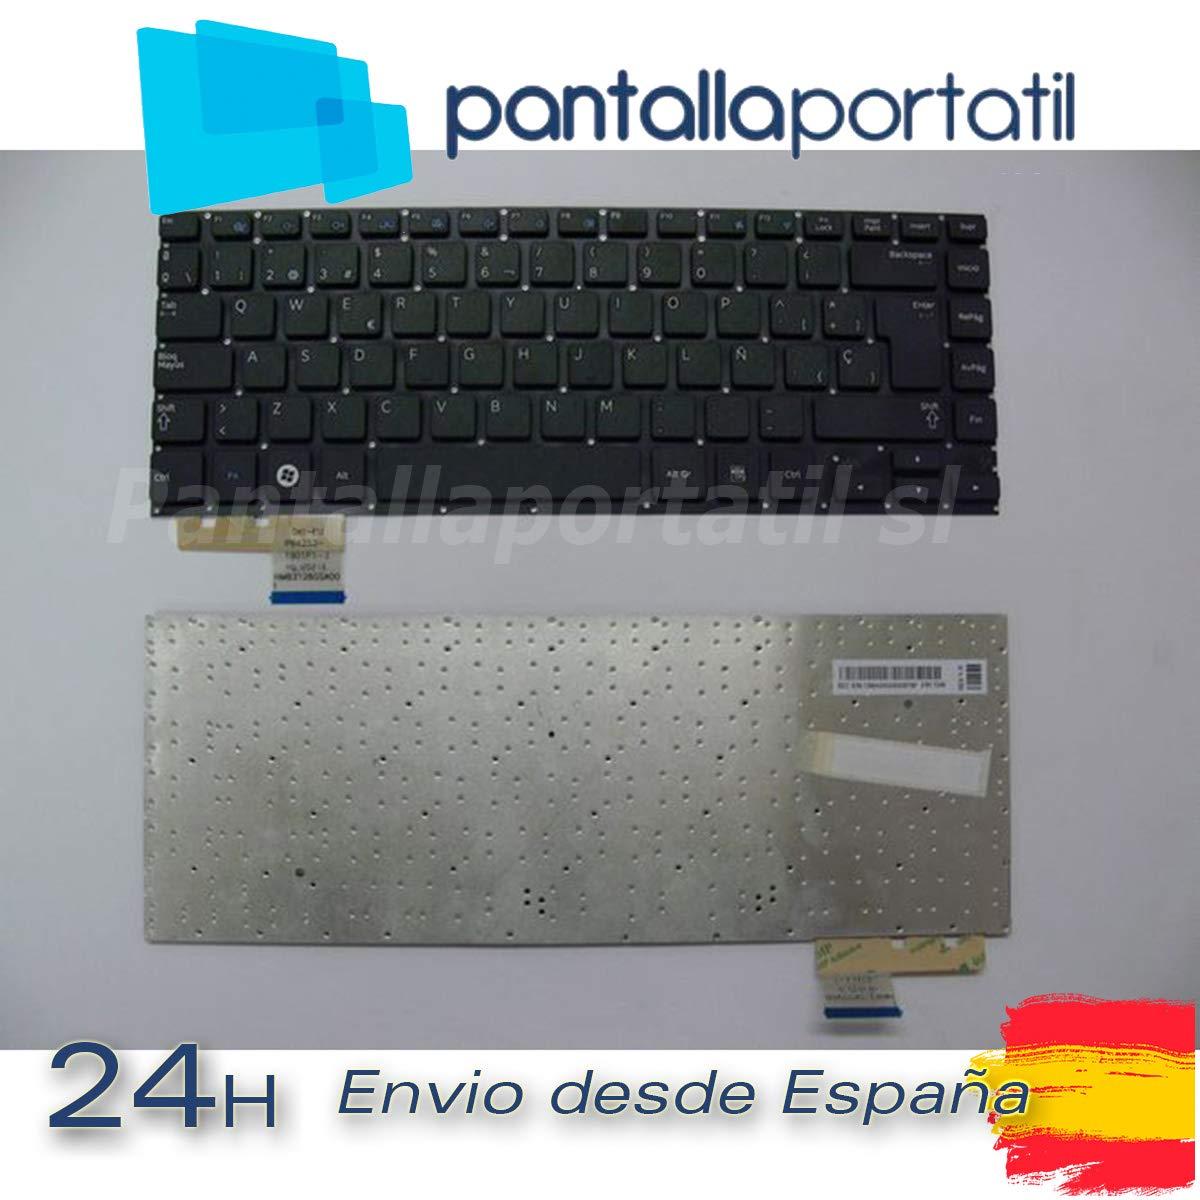 Desconocido Teclado español para NP530U4B NP530U4C NP535U4C 530U4B 530U4C 535U4C: Amazon.es: Electrónica